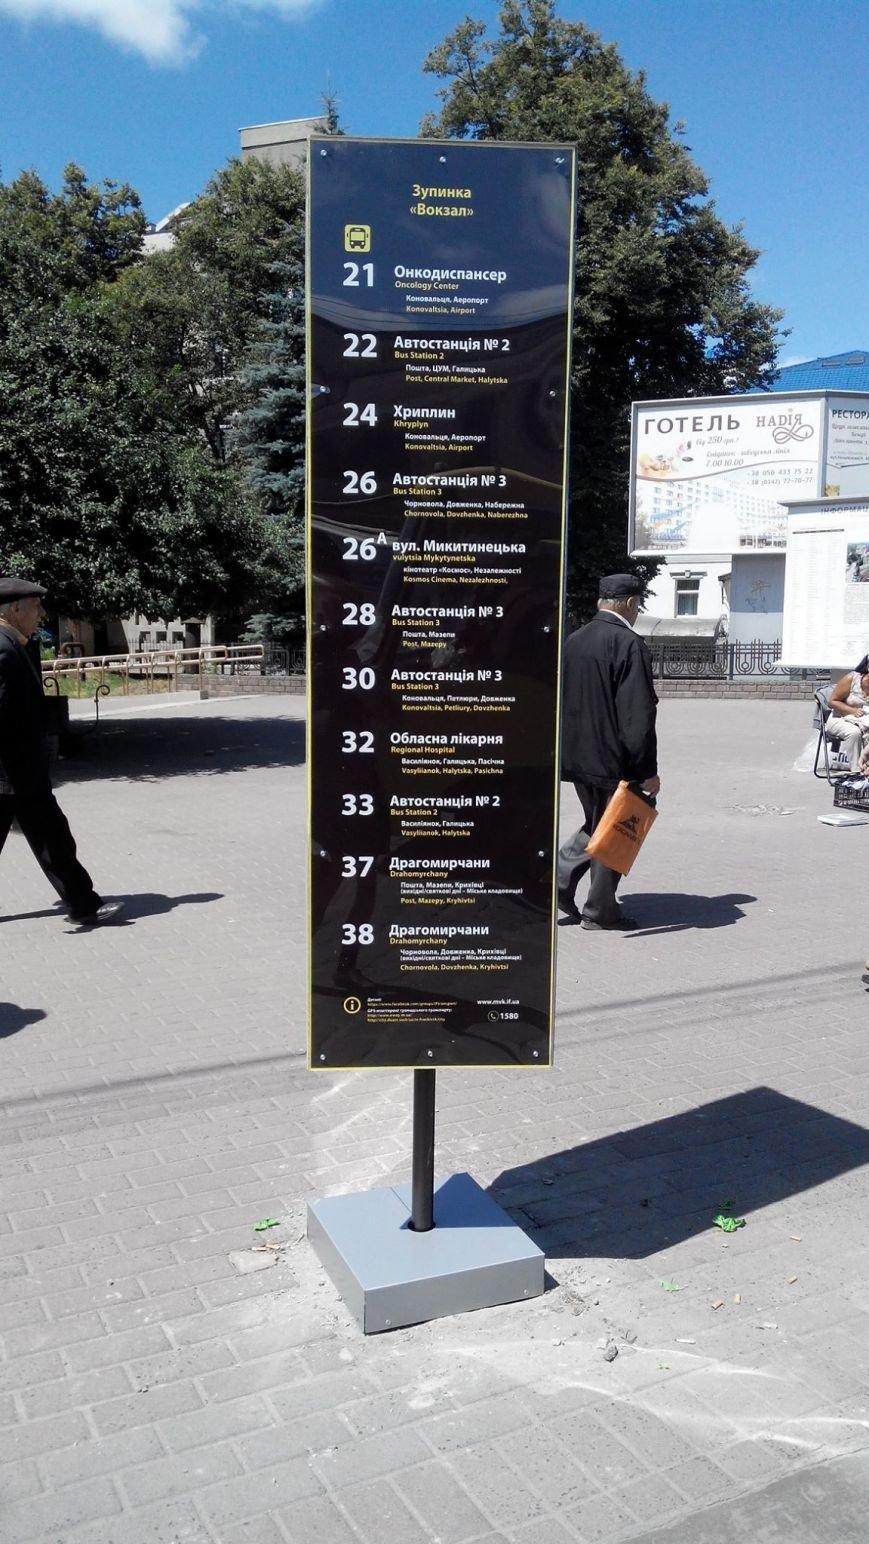 В Івано-Франківську з'явилися темні інформаційні таблиці, схожі на надгробки, фото-2